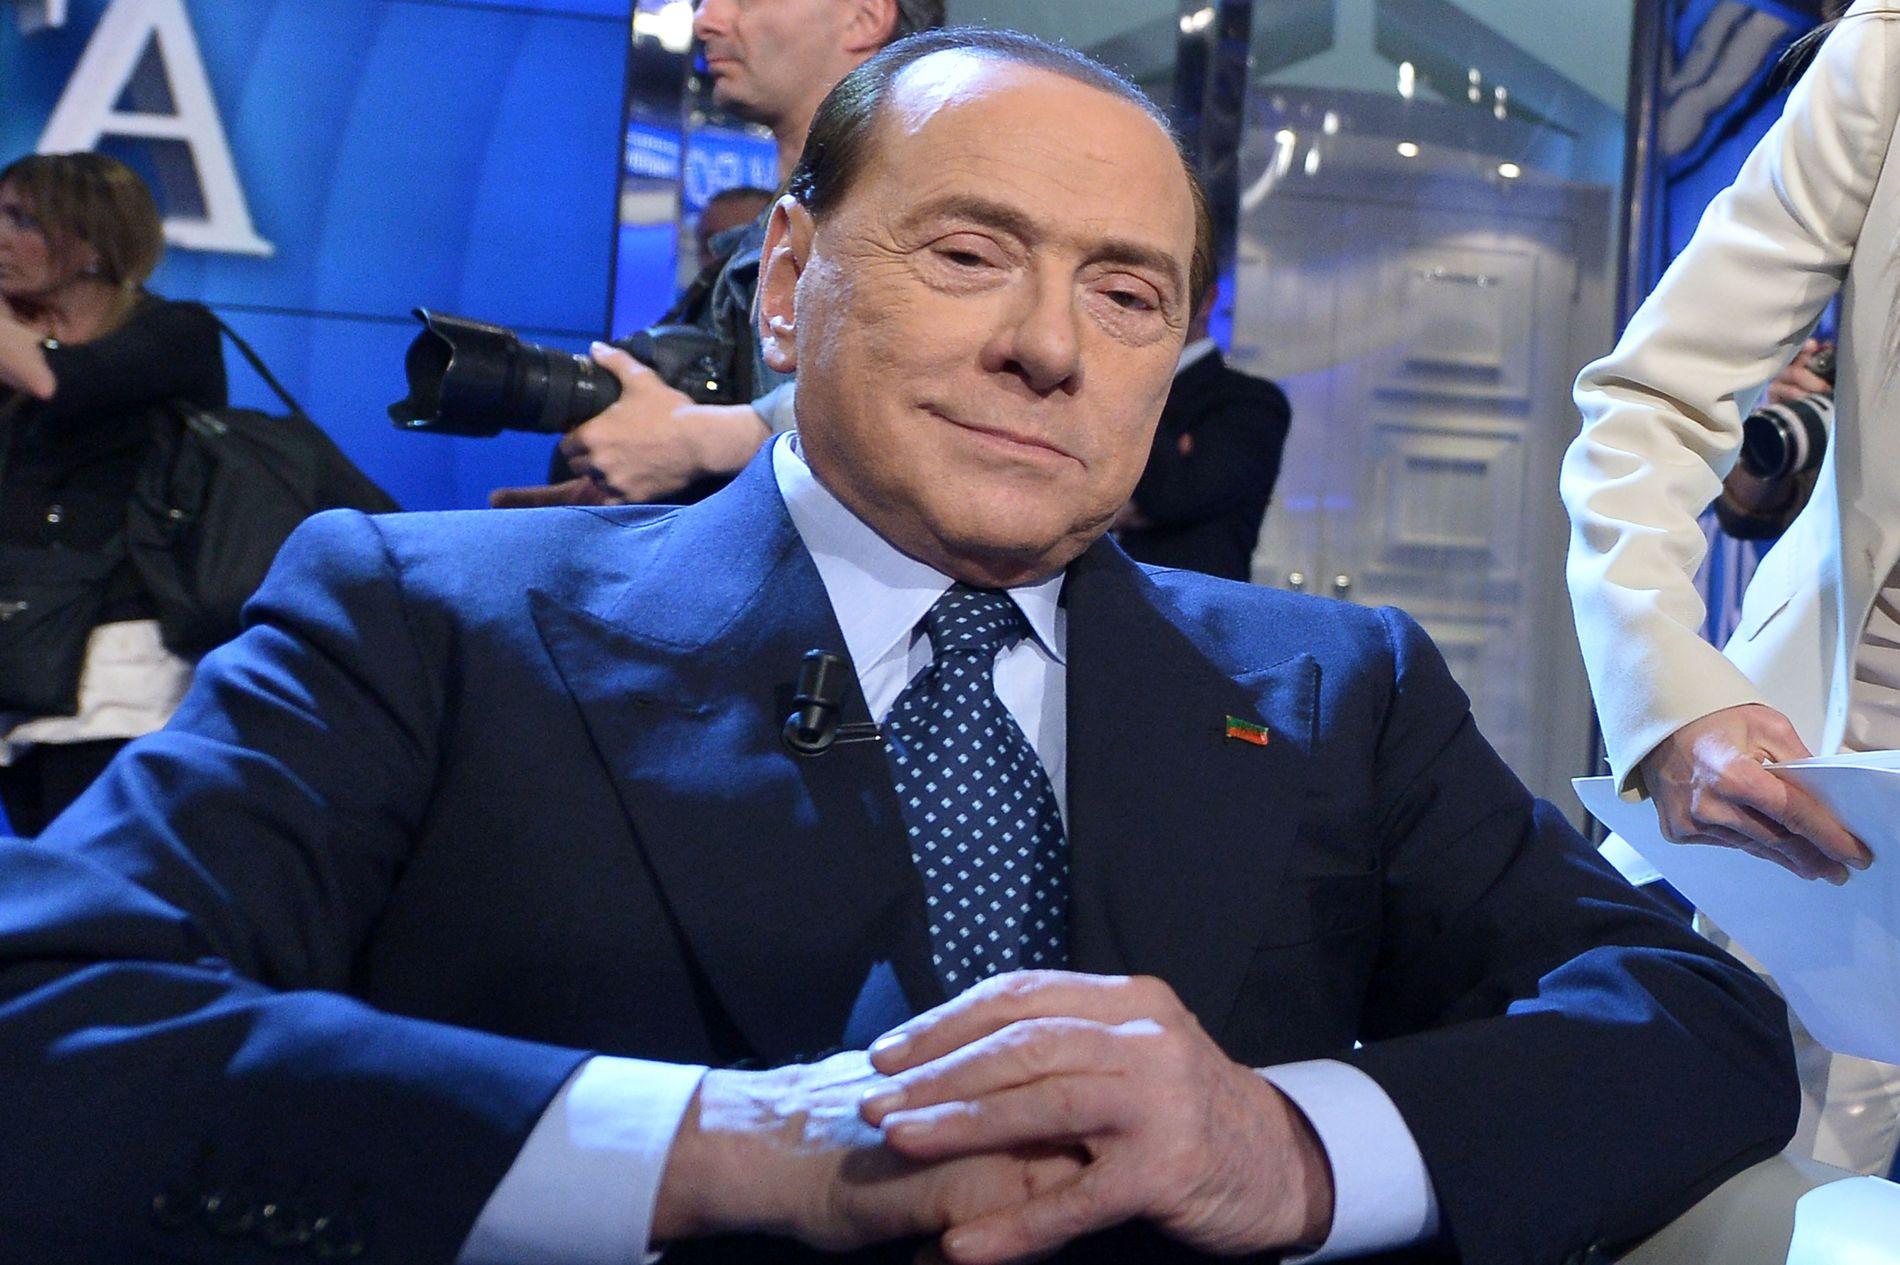 OPPSLUTNING: Koalisjonen til Silvio Berlusconi ville trolig vunnet parlamentsvalget i Italia, om det hadde funnet sted nå.